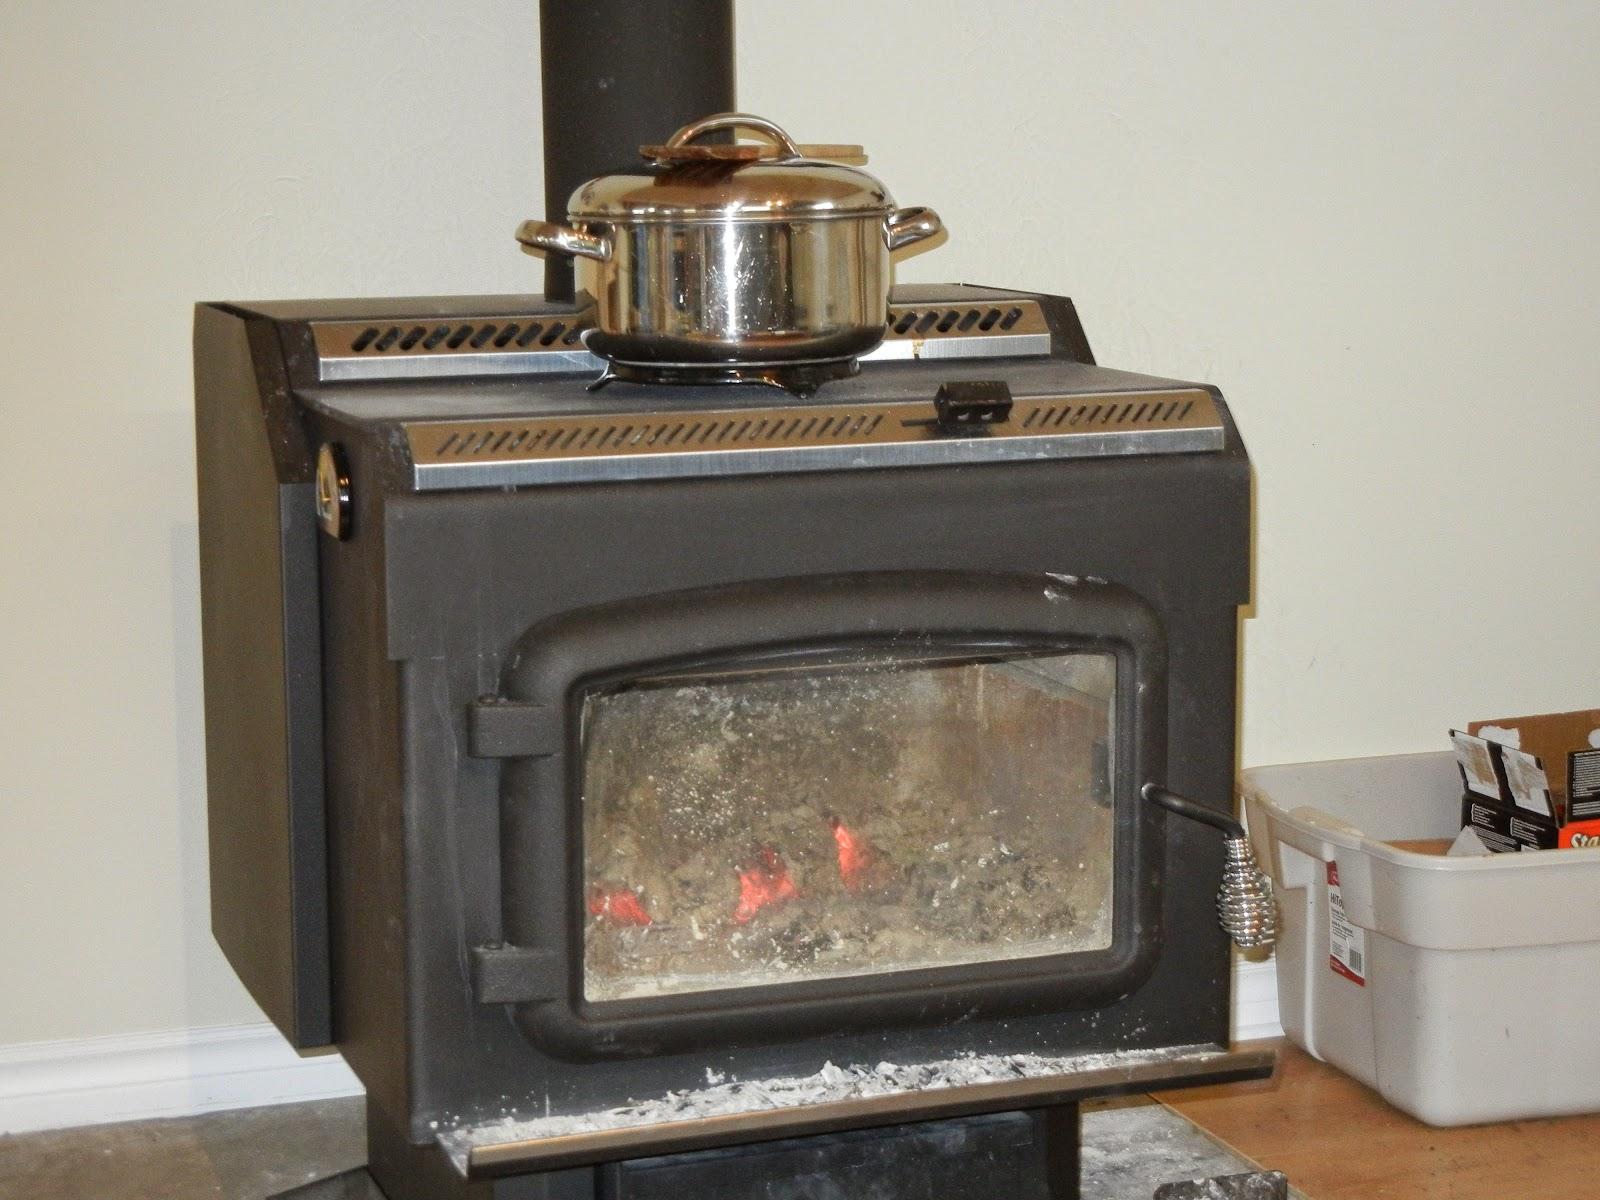 Ann's Weekend Homesteading: Wood Heating